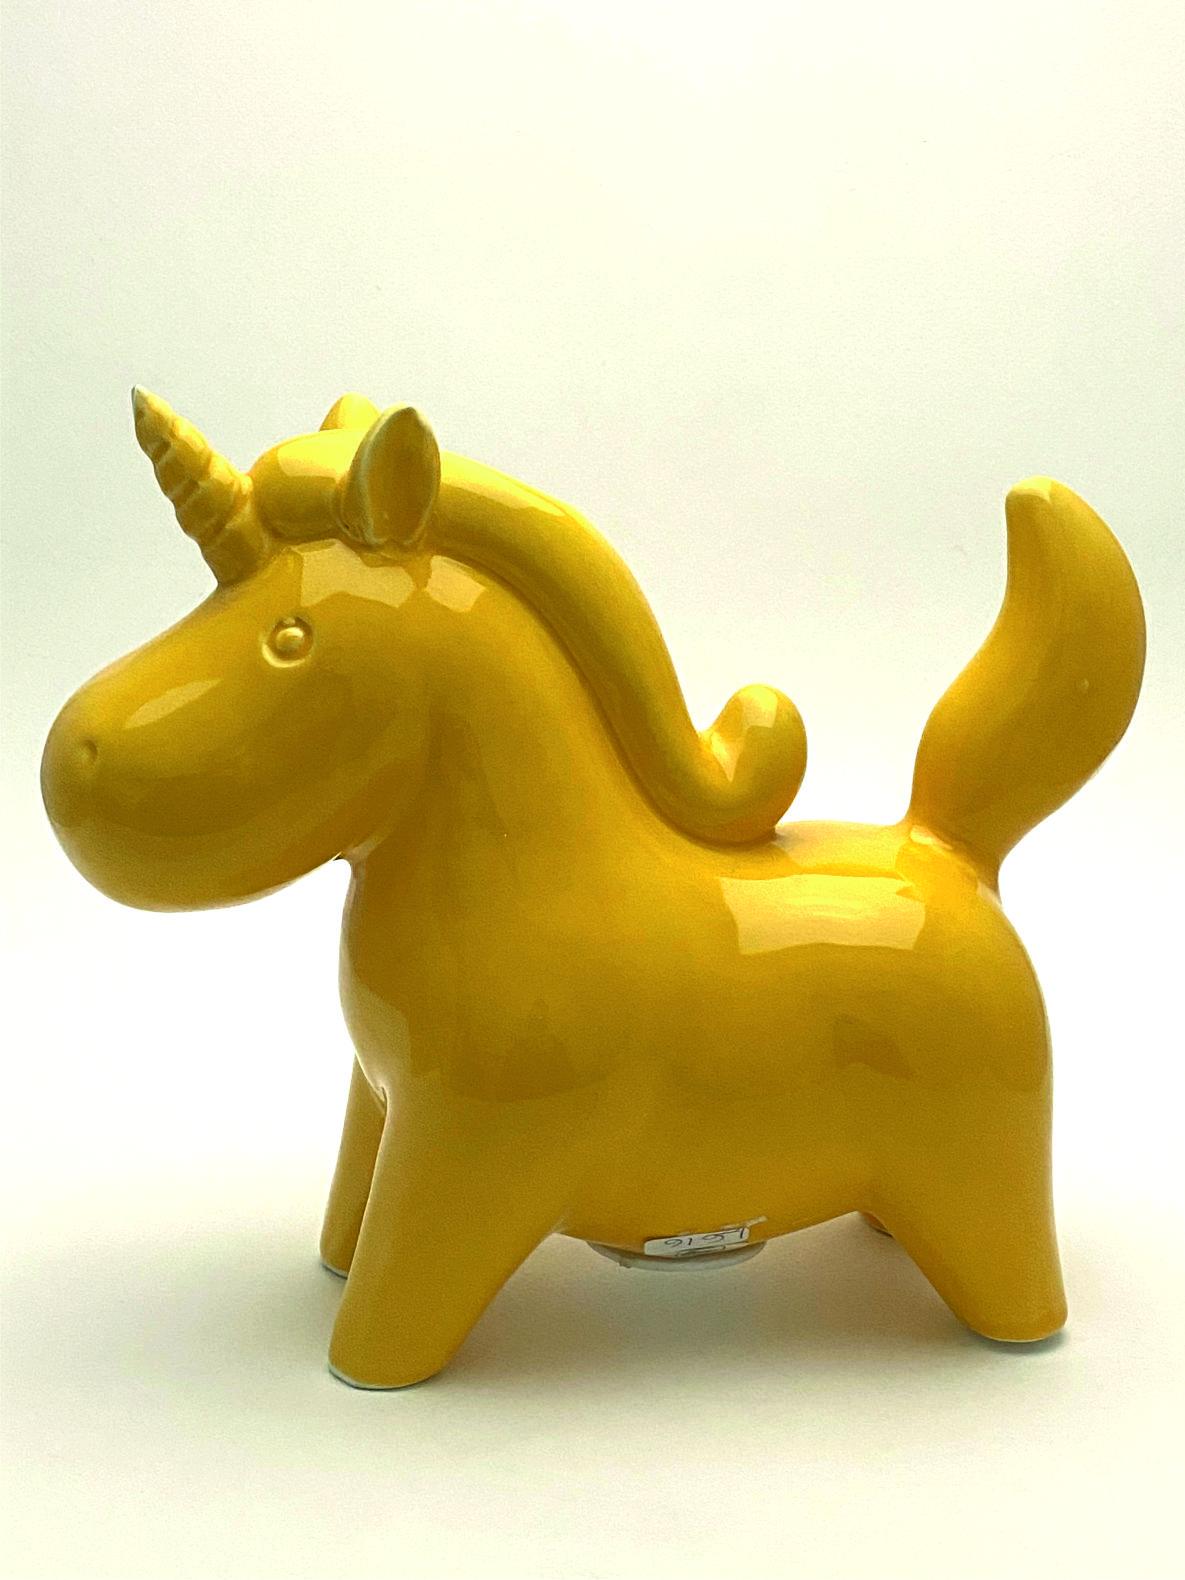 Unicornio_L616_amarillo costado